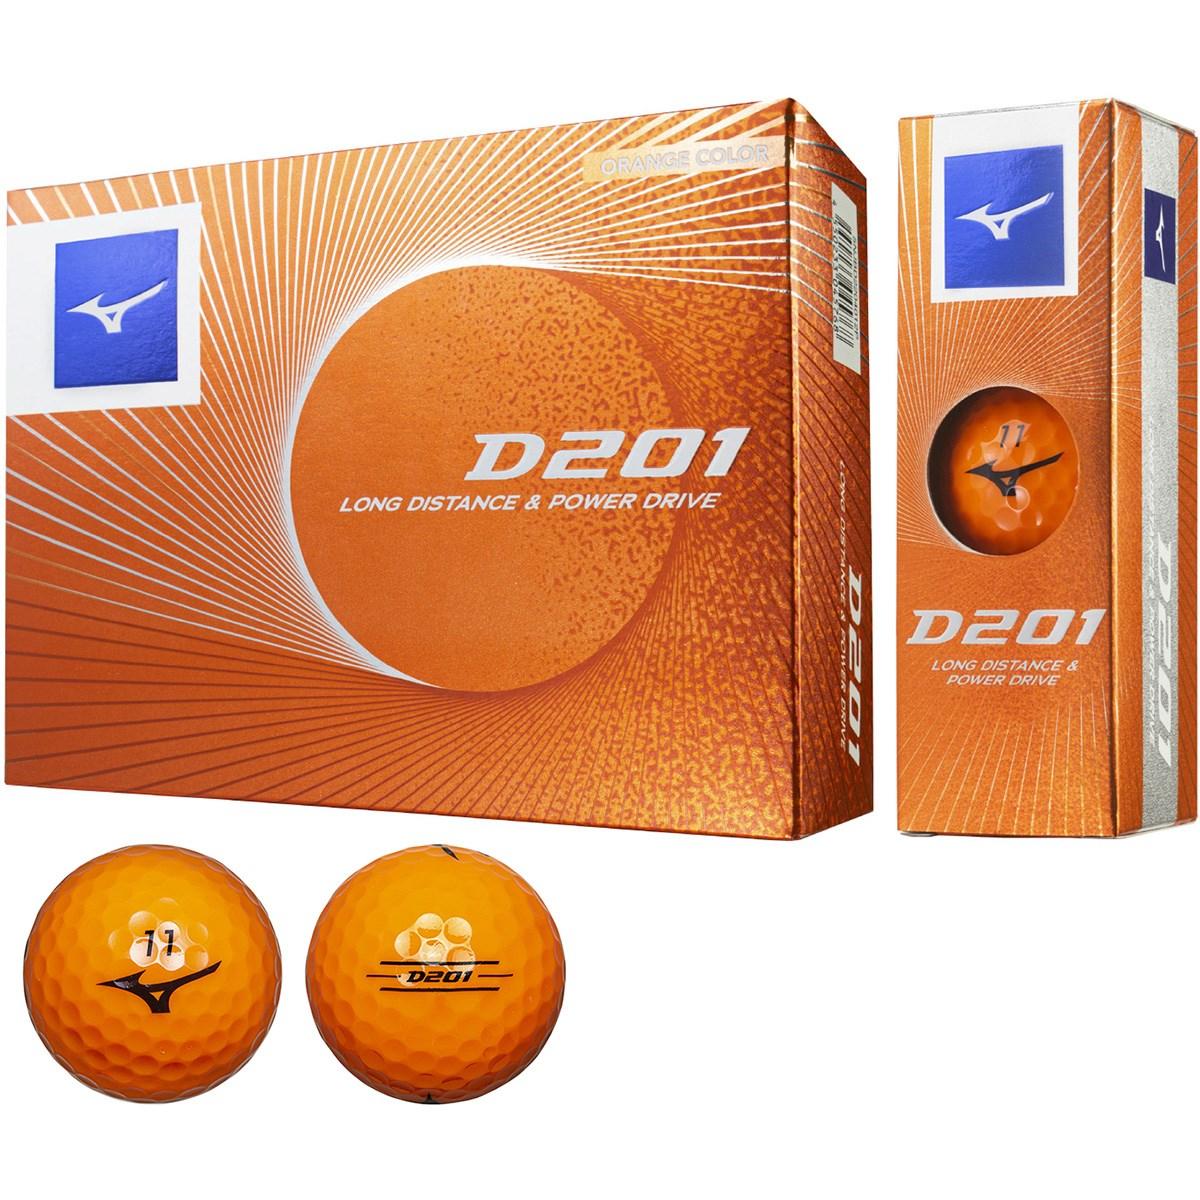 ミズノ 201 D201 ゴルフボール 1ダース(12個入り) オレンジ